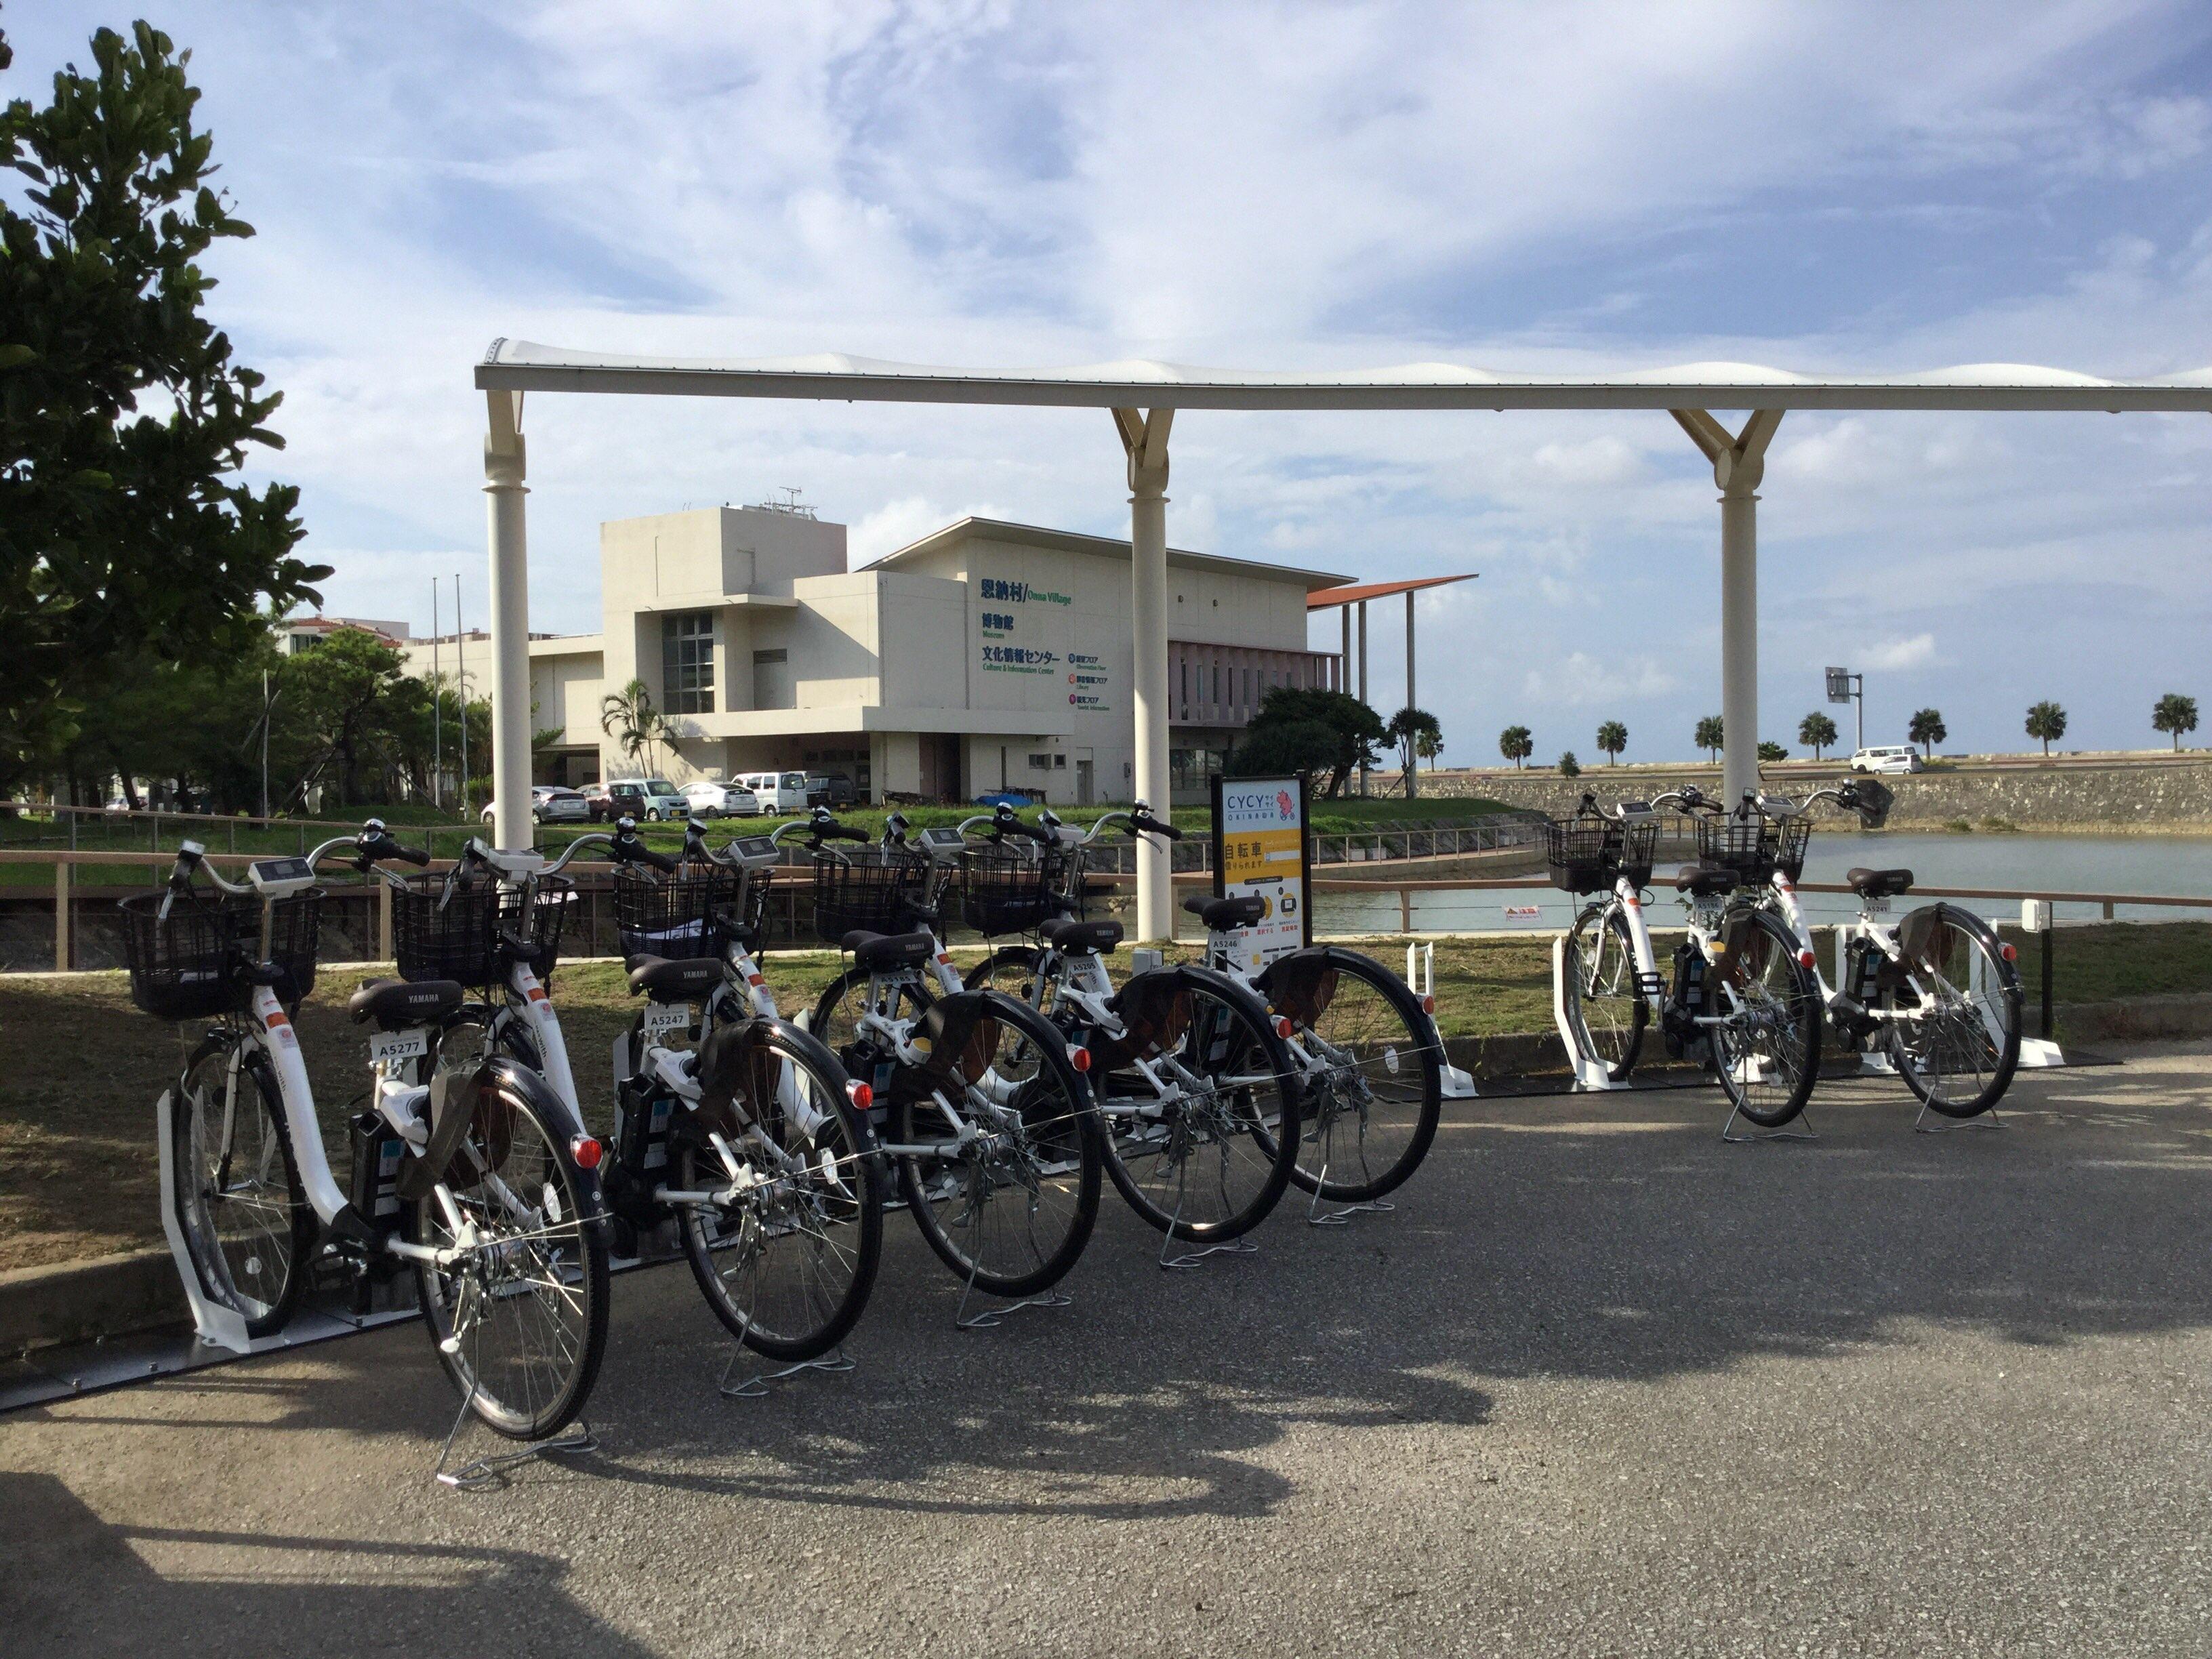 おんなの駅 なかゆくい市場 (HELLO CYCLING ポート) image